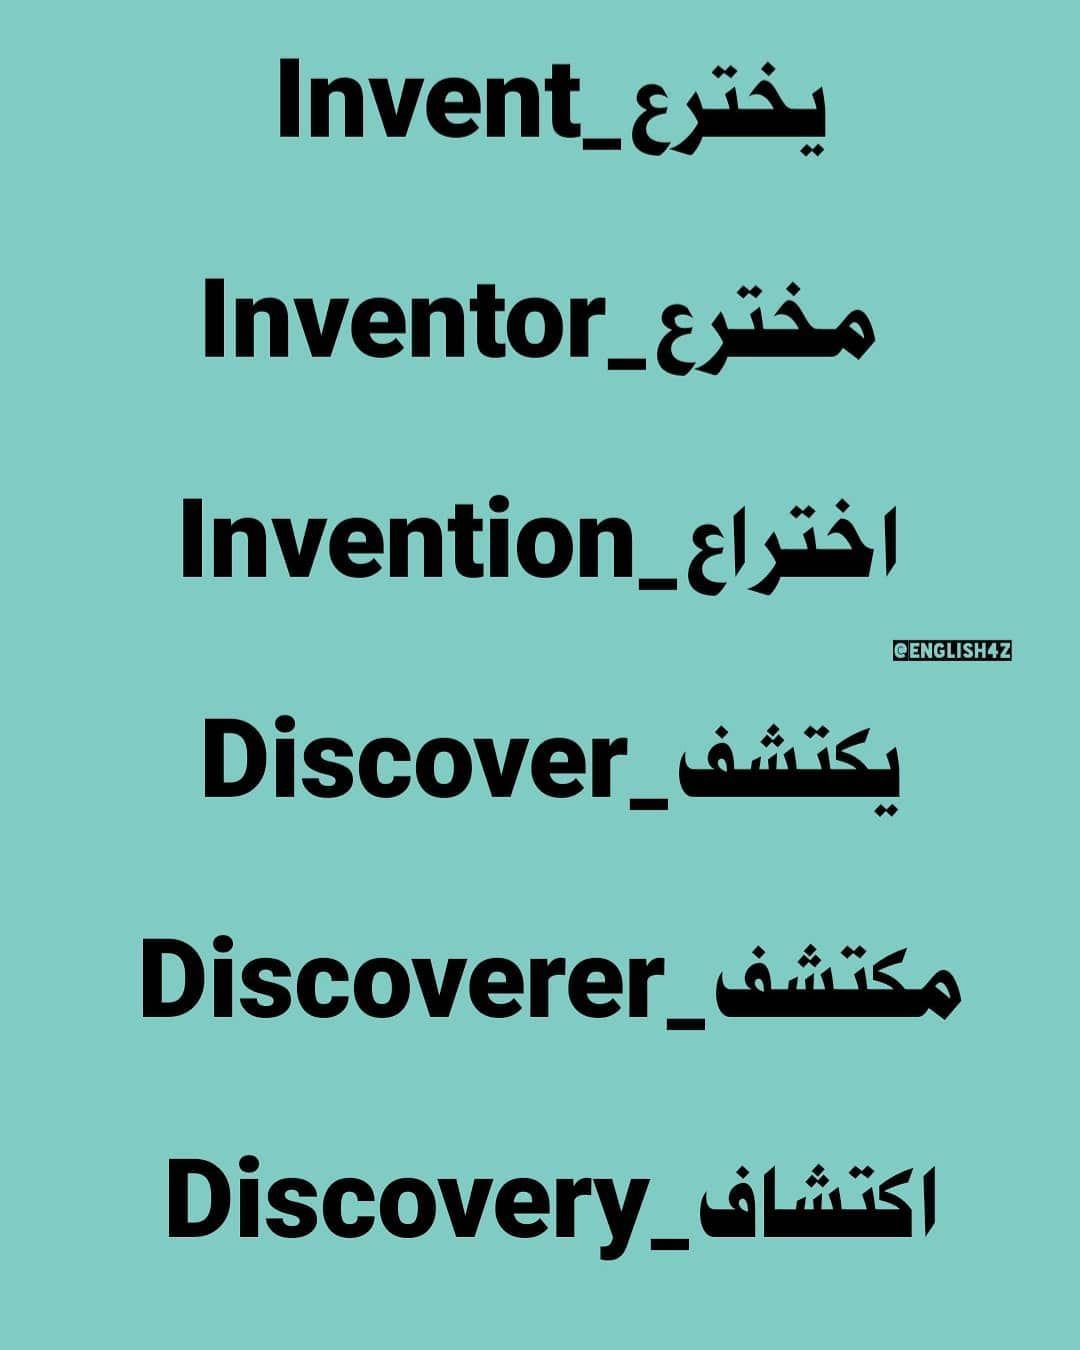 مرحبا بك لتعلم اللغة الانجليزية كلمات مترجمة صور انجليزي لغة عربية لغة انجليزية محتوى متنوع اقتباسات إنجليزية أخبار مترجمة Learn English Learning Discover